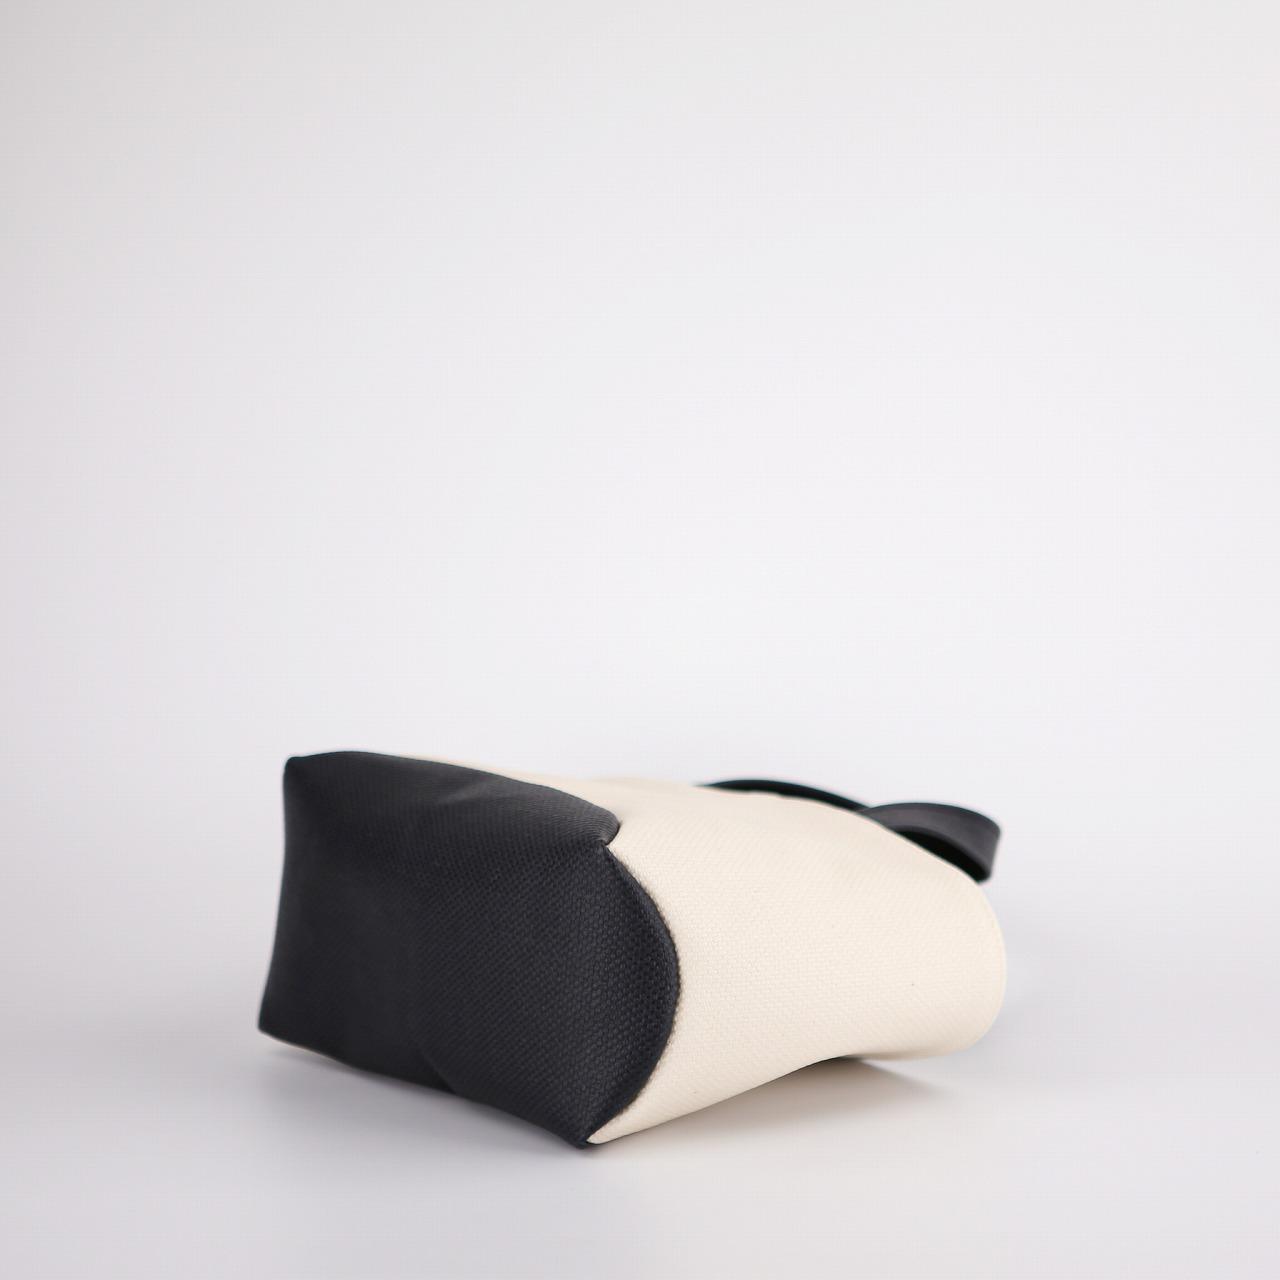 クレセントトート PVCバッグ